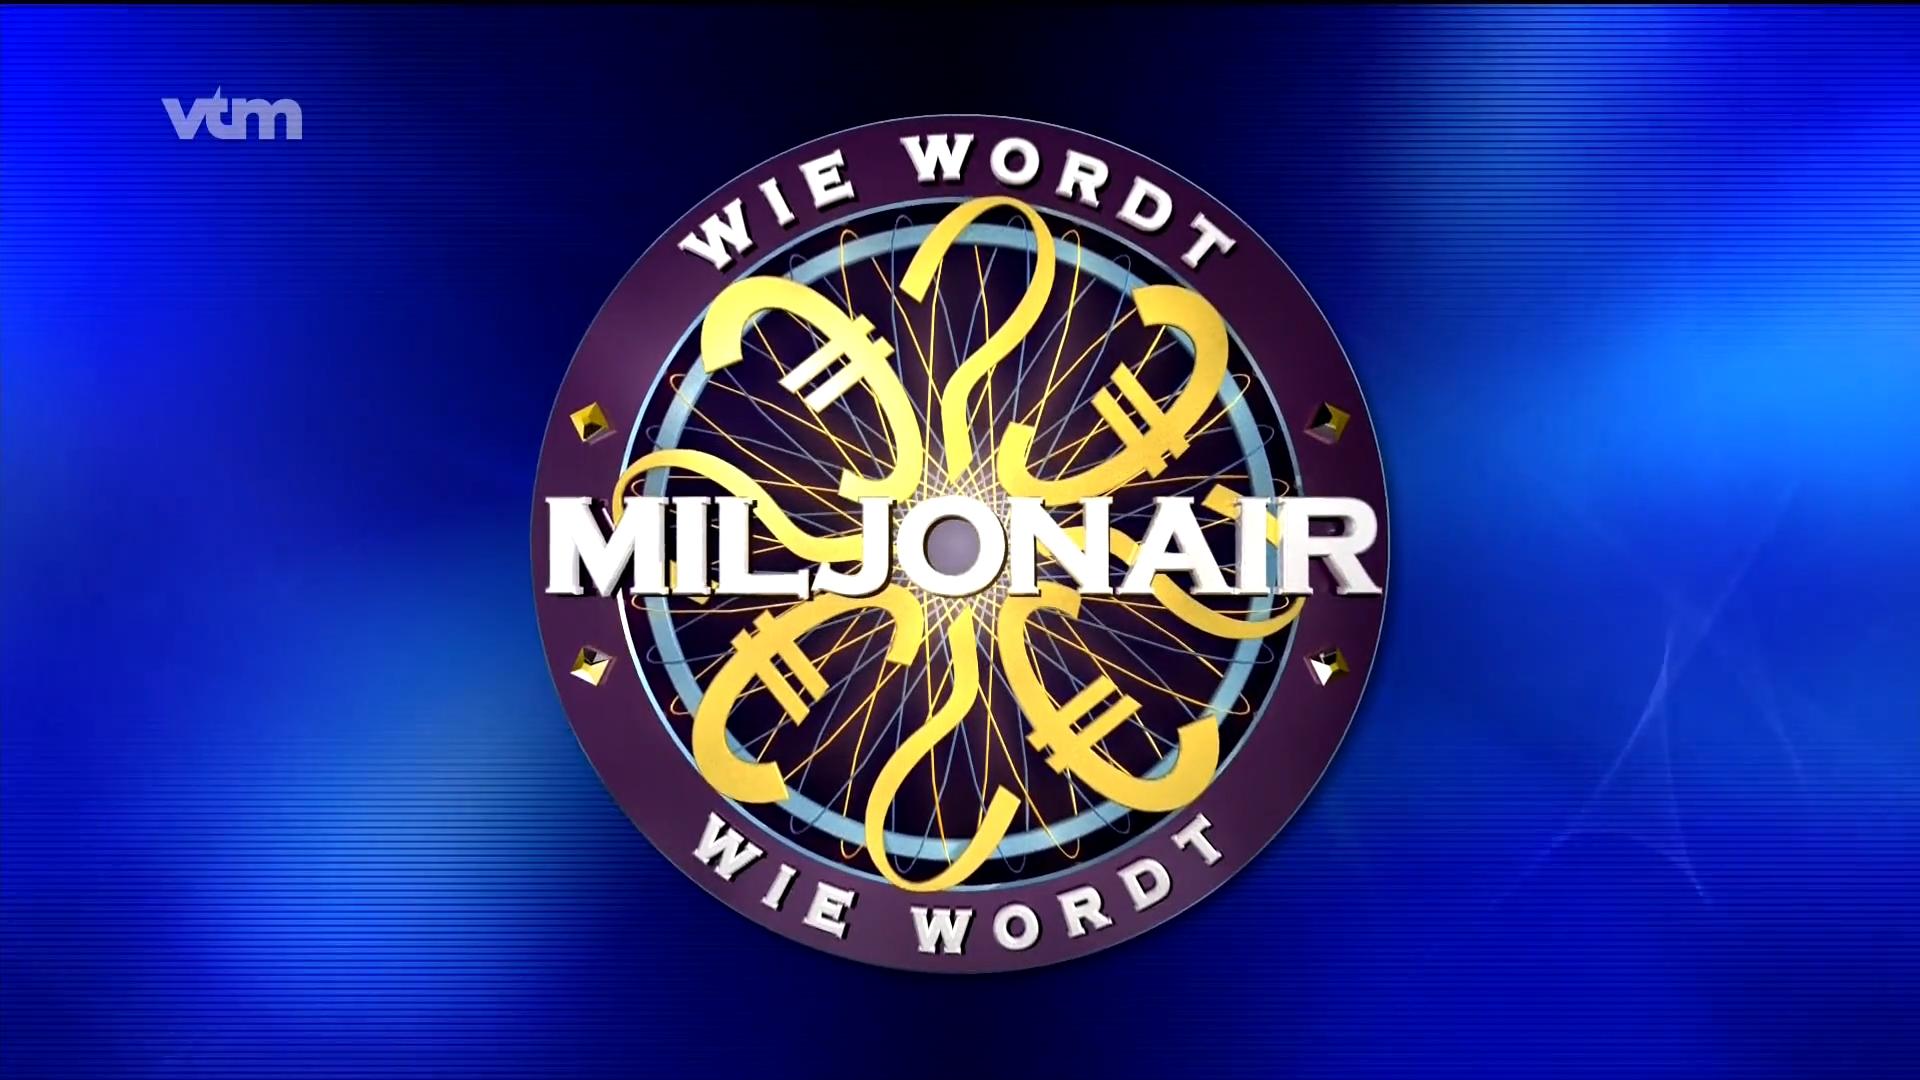 Wie wordt miljonair?